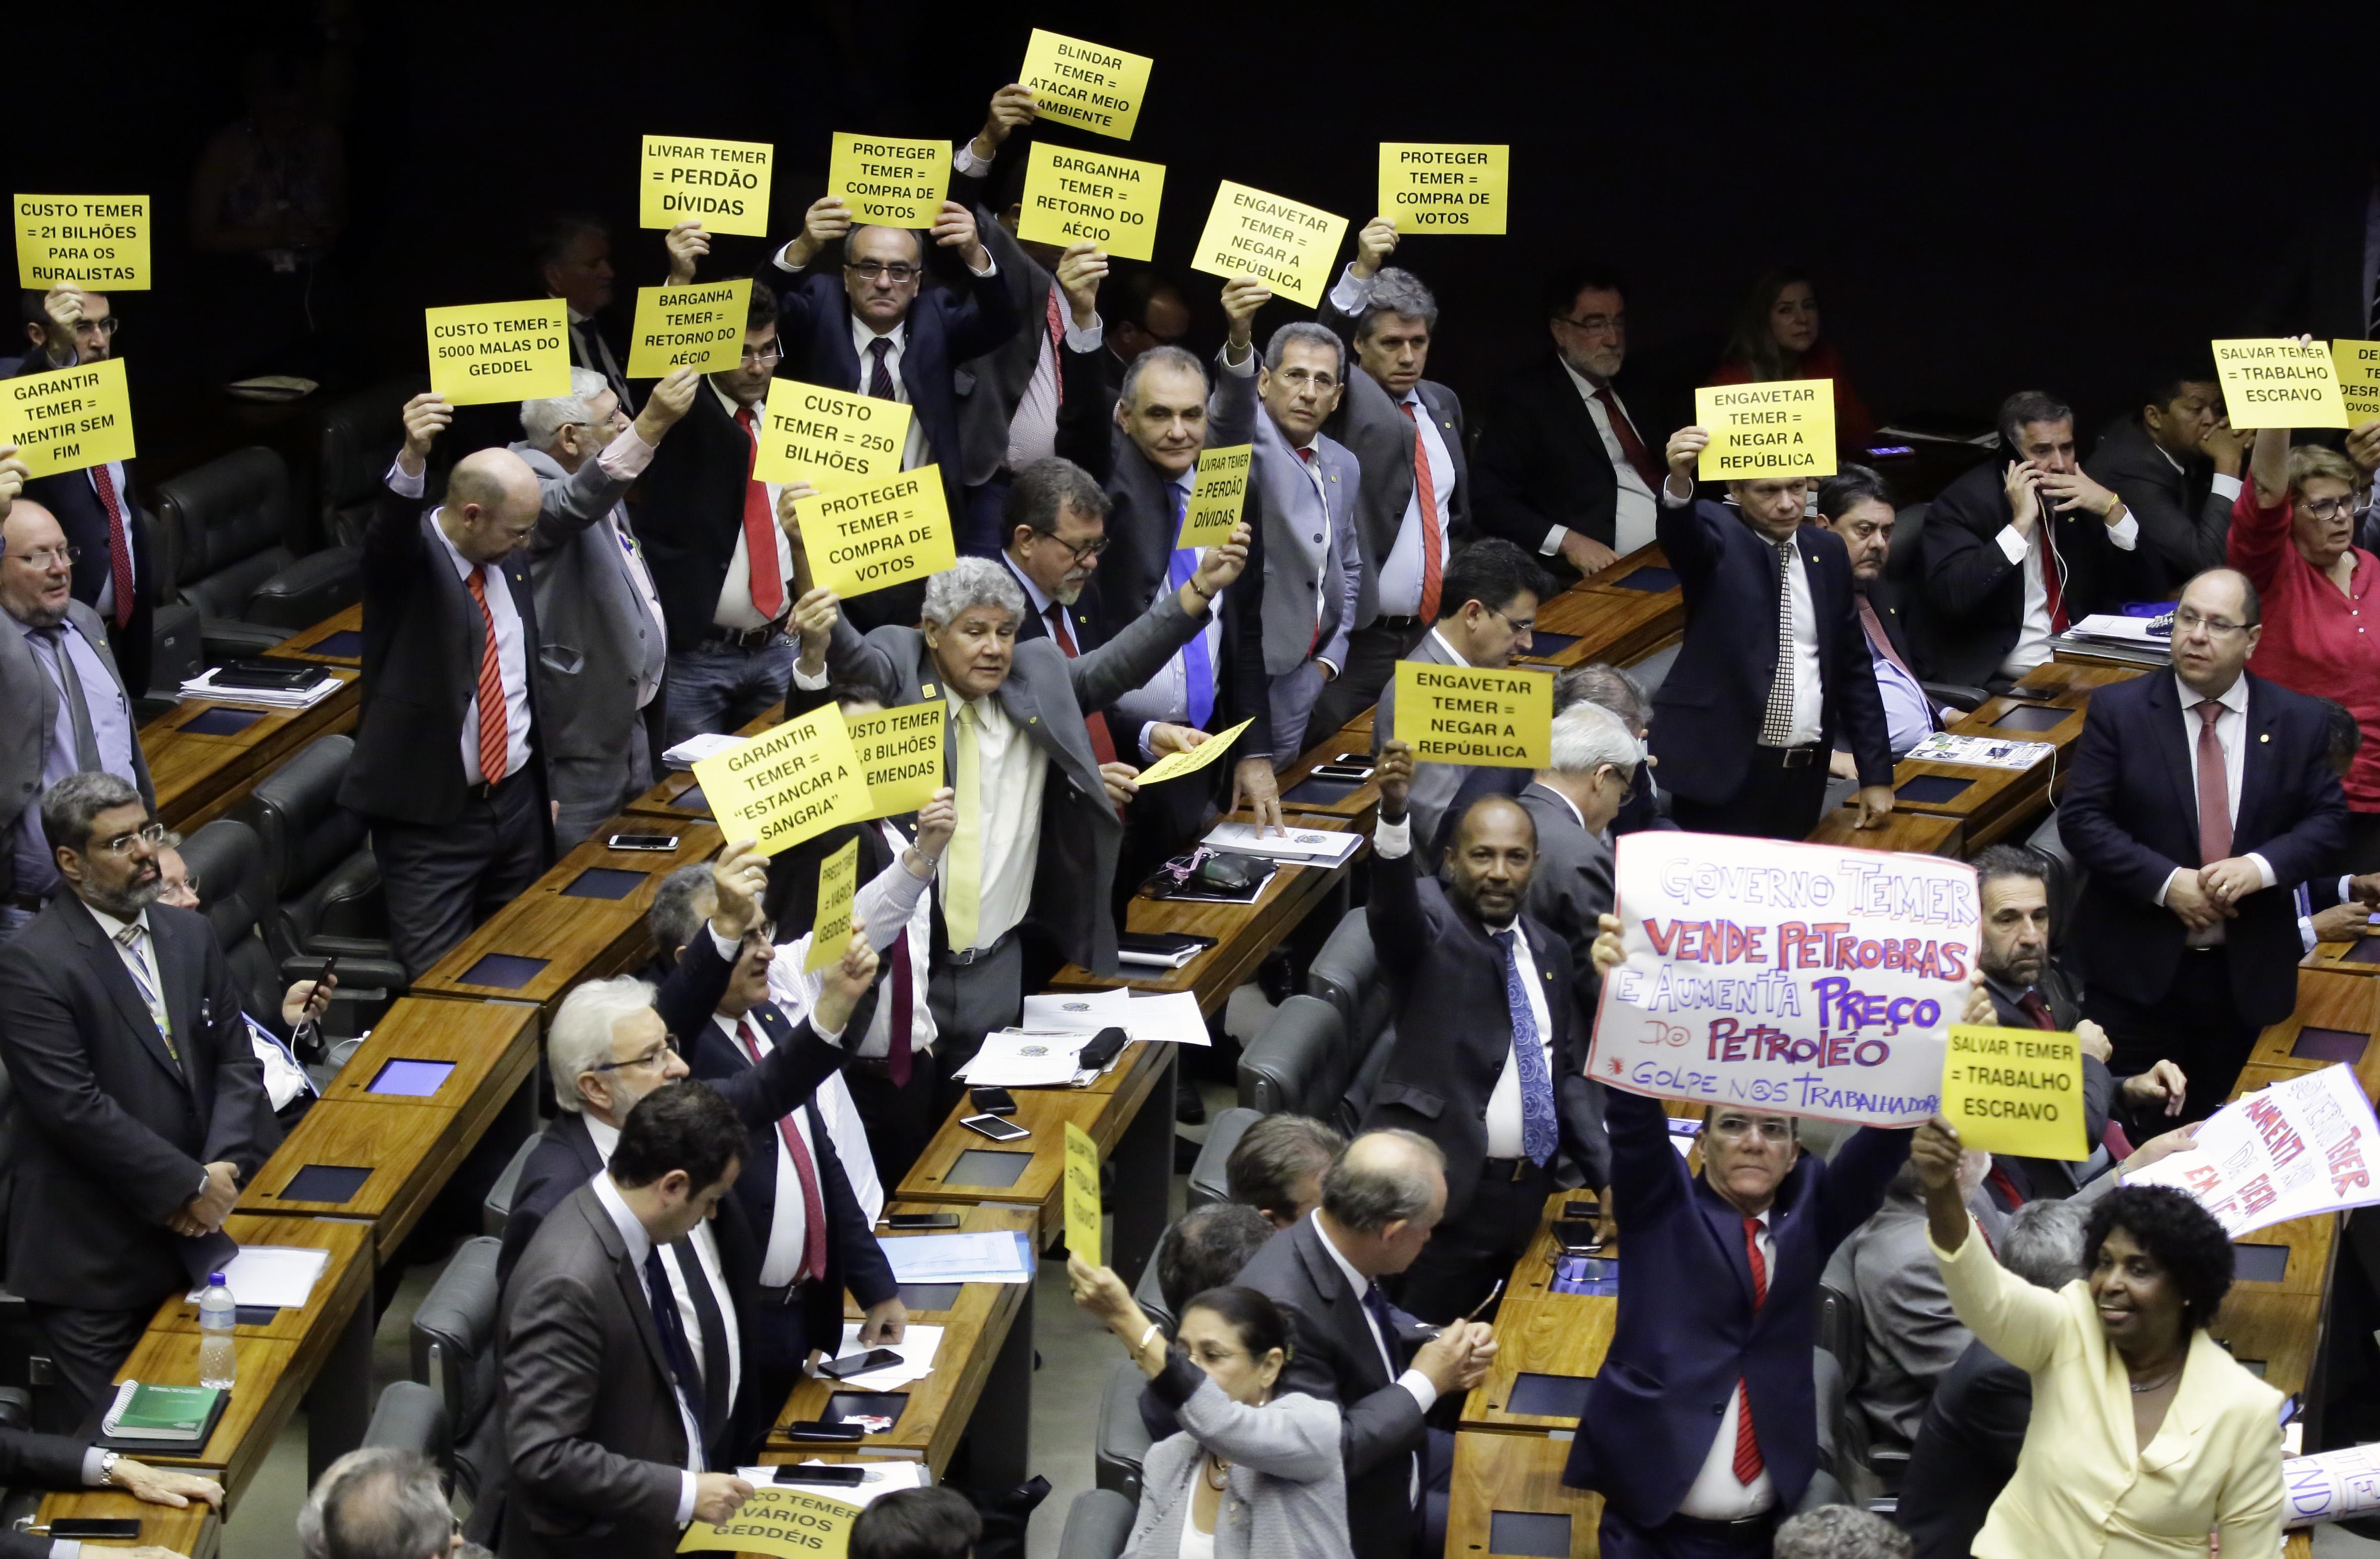 Sessão para analisar denúncia contra Michel Temer e Ministros